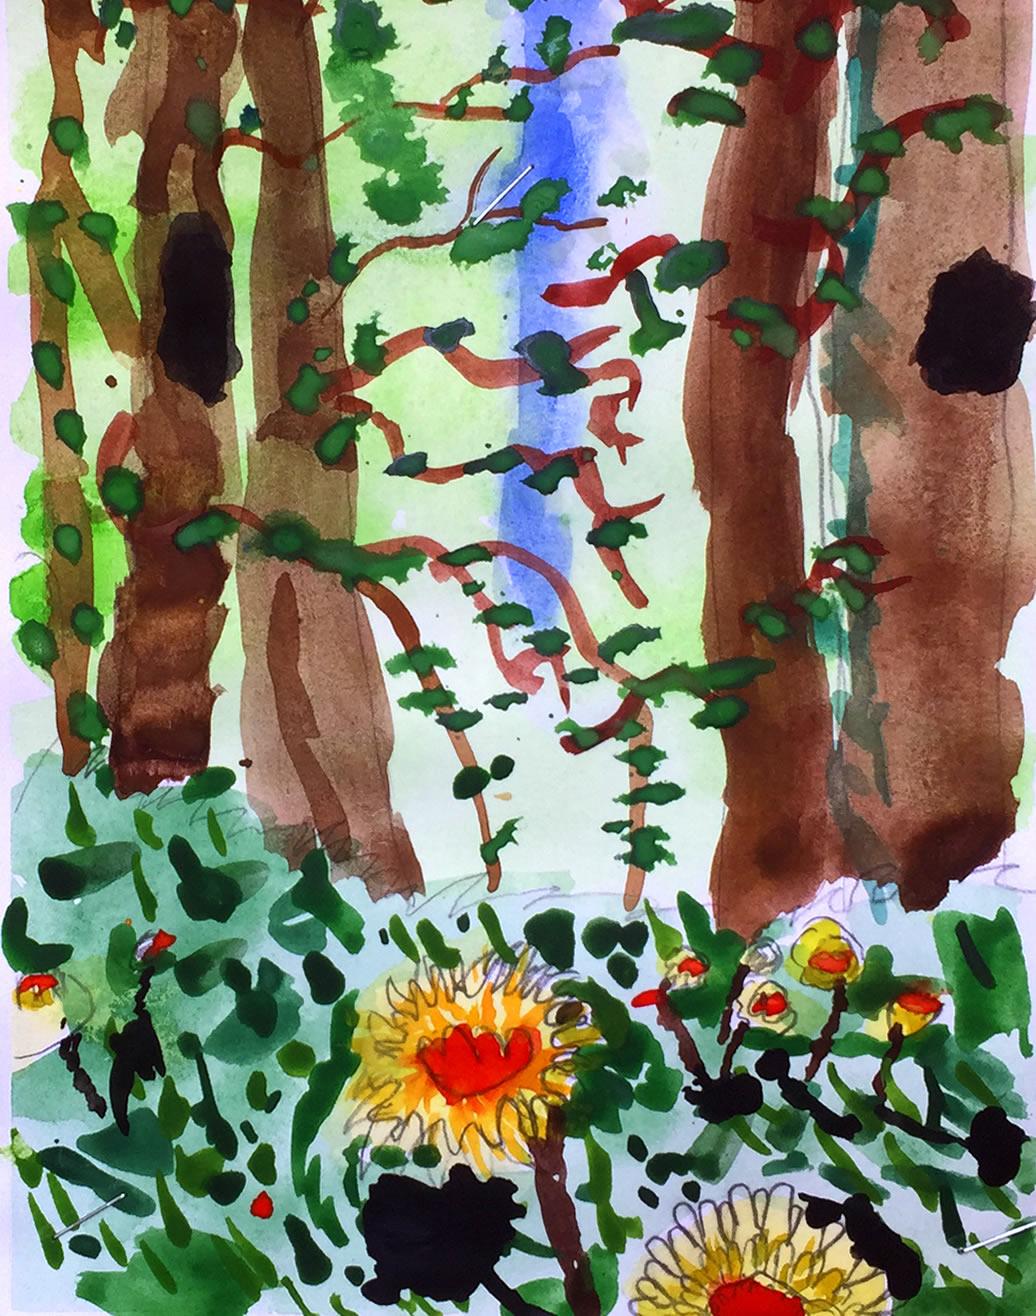 Trees paintings - Walton on Thames Elmbridge Art & Craft Clubs